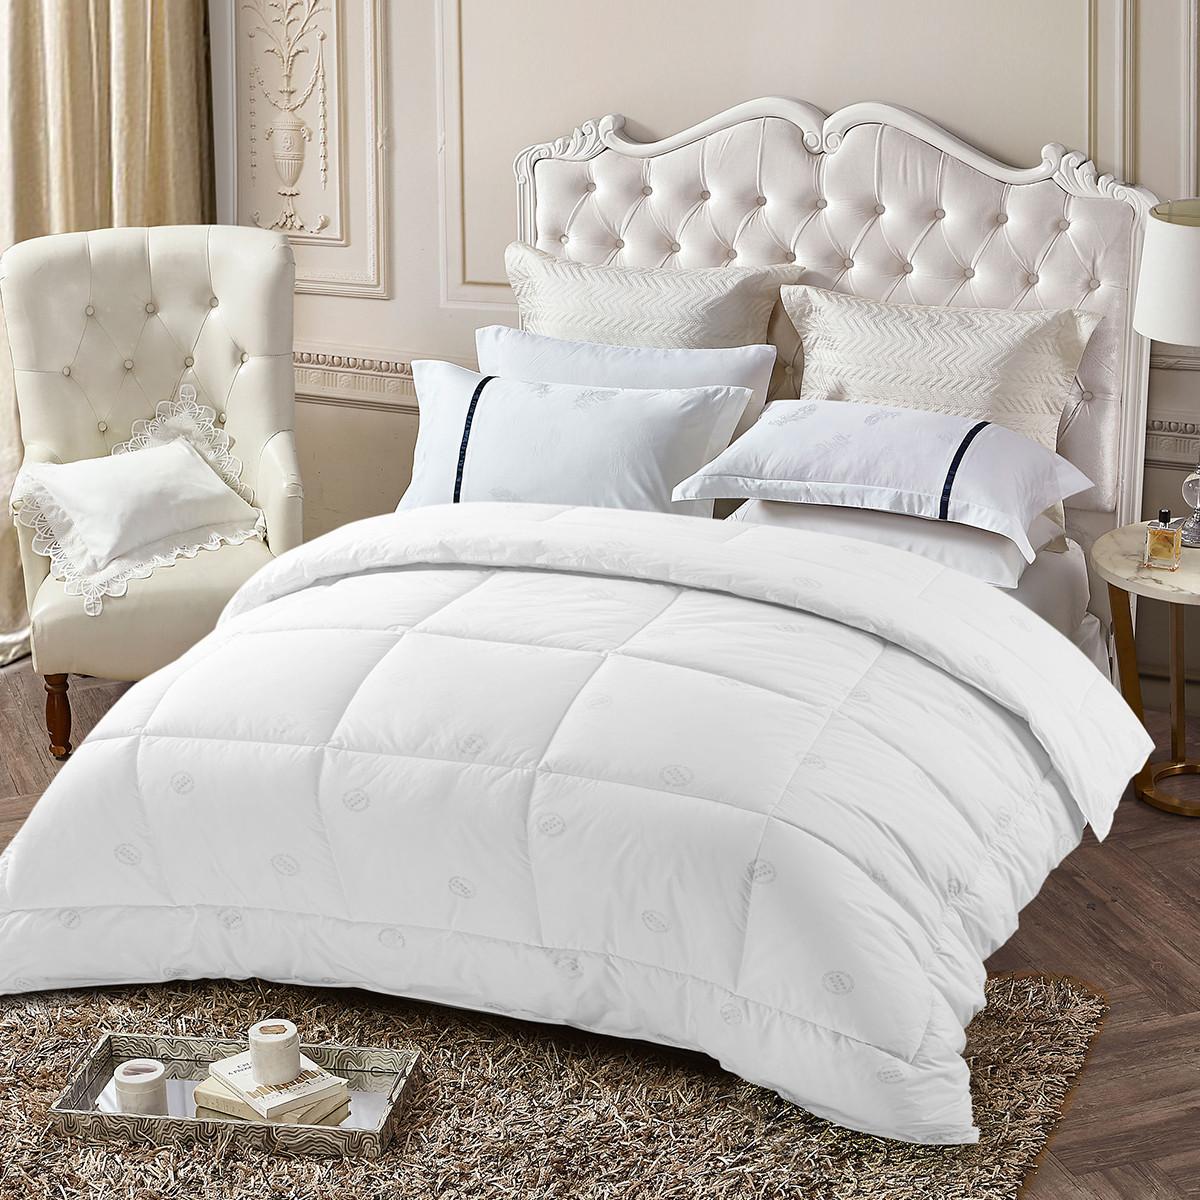 Ramada【年底清仓】全棉双人保暖床上用品纯棉厚被子空调被被子被芯COLOR白色